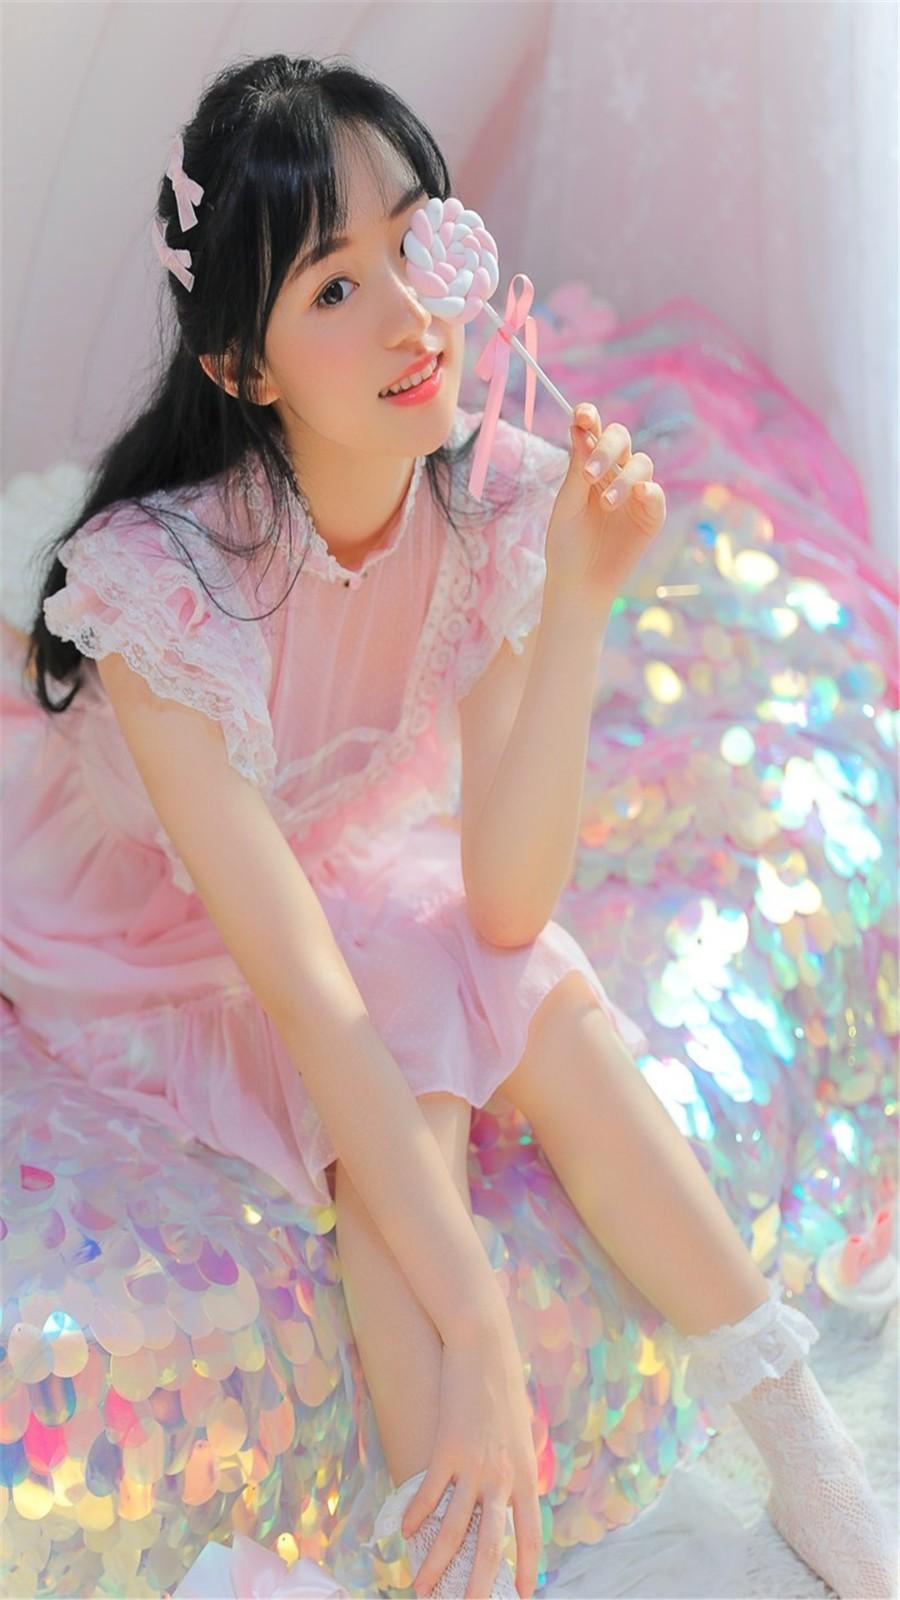 梦幻美女粉红蕾丝裙高清手机壁纸